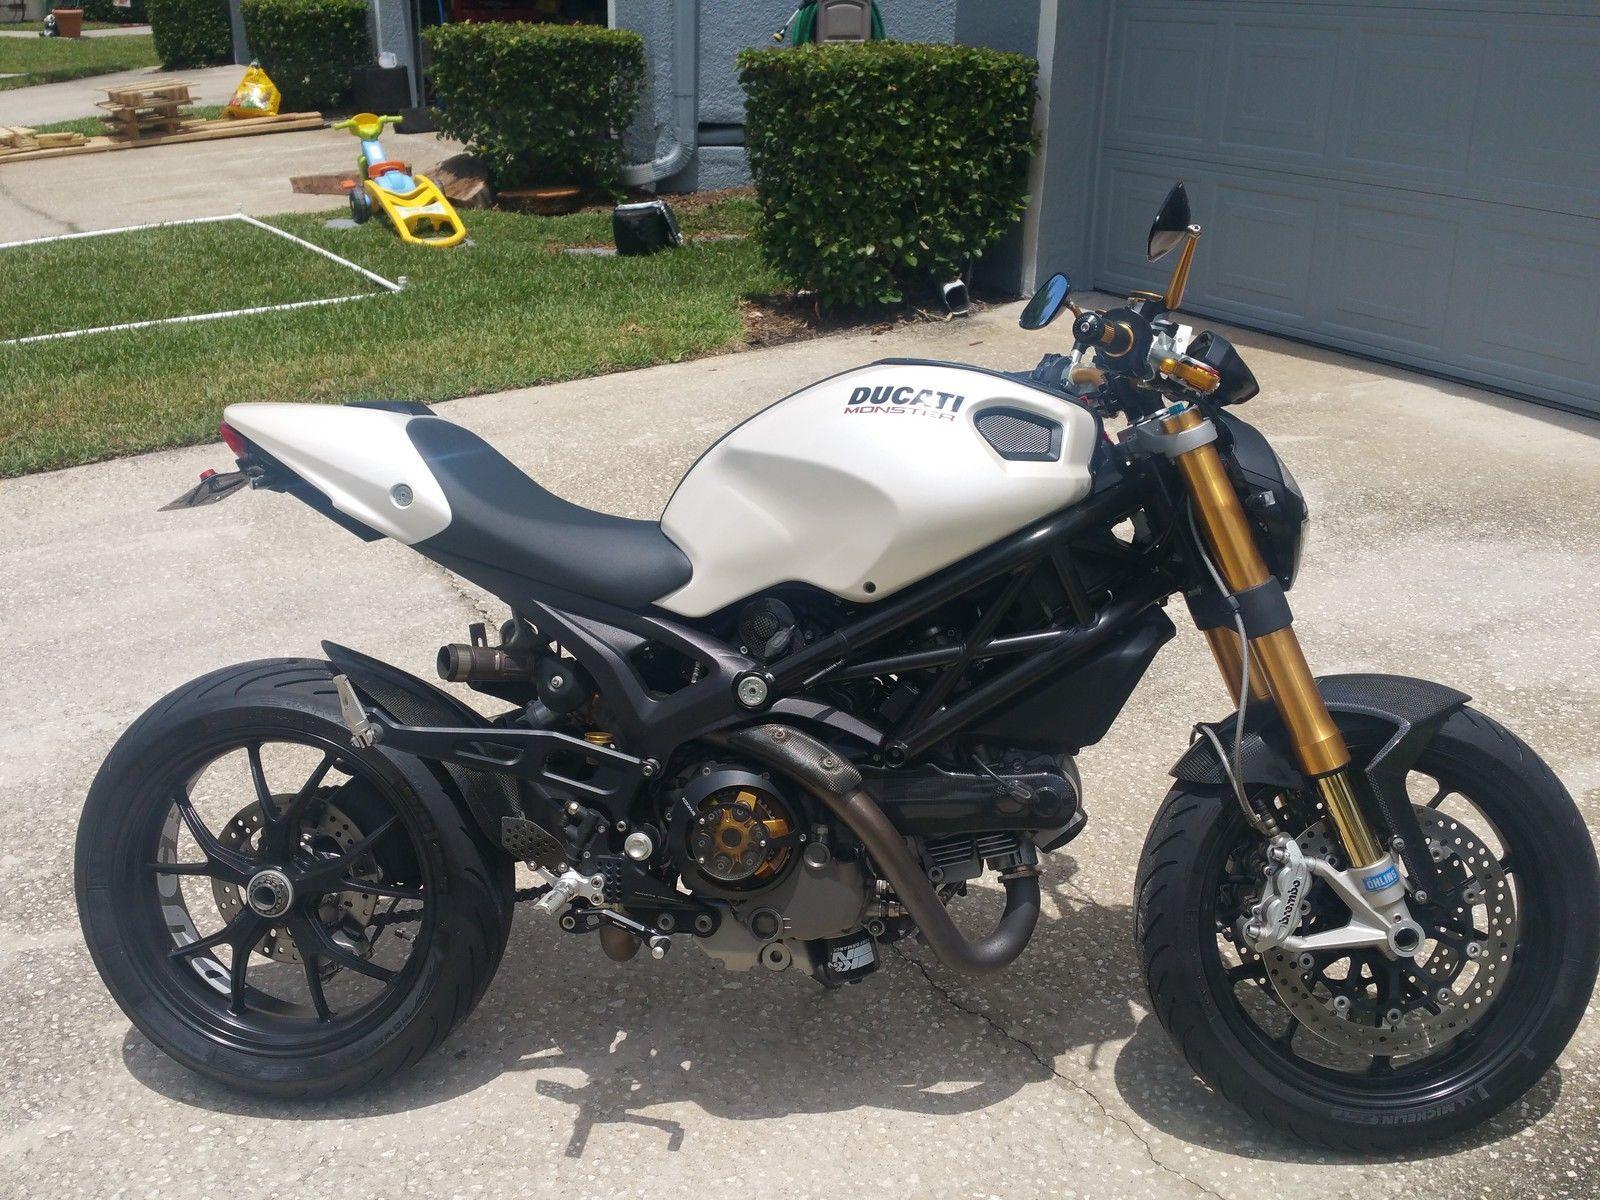 Ducati Monster | eBay | Ducati Monster | Pinterest | Ducati monster